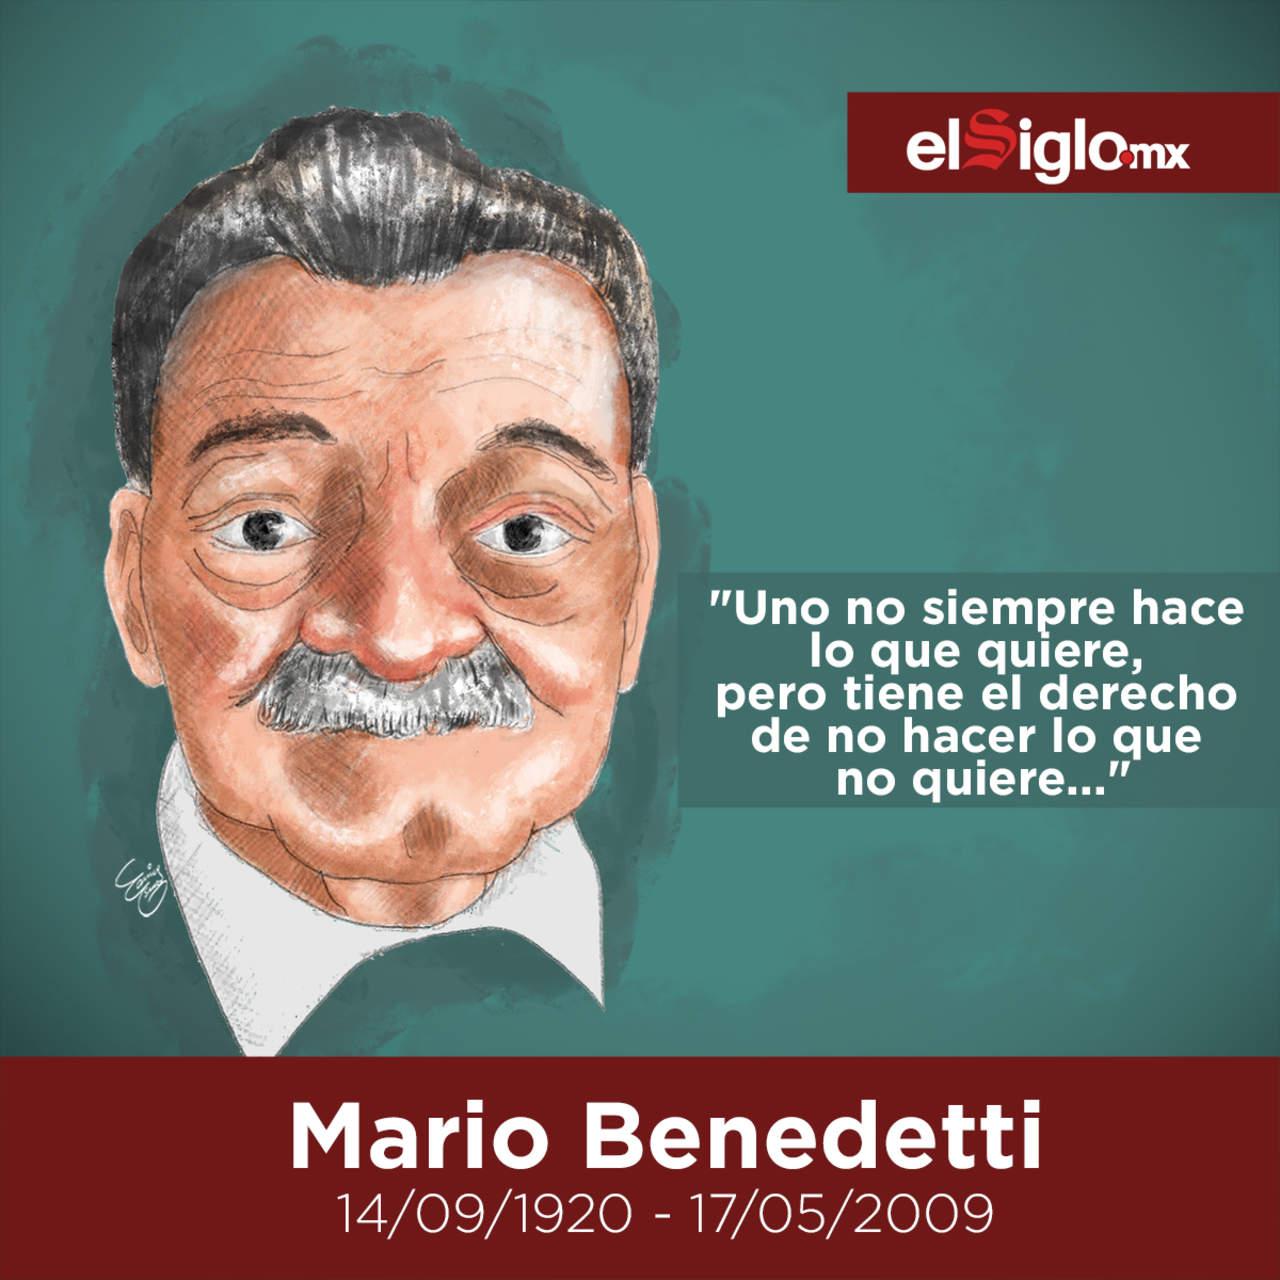 1920: Nace Mario Benedetti, reconocido poeta, novelista, dramaturgo, cuentista y crítico